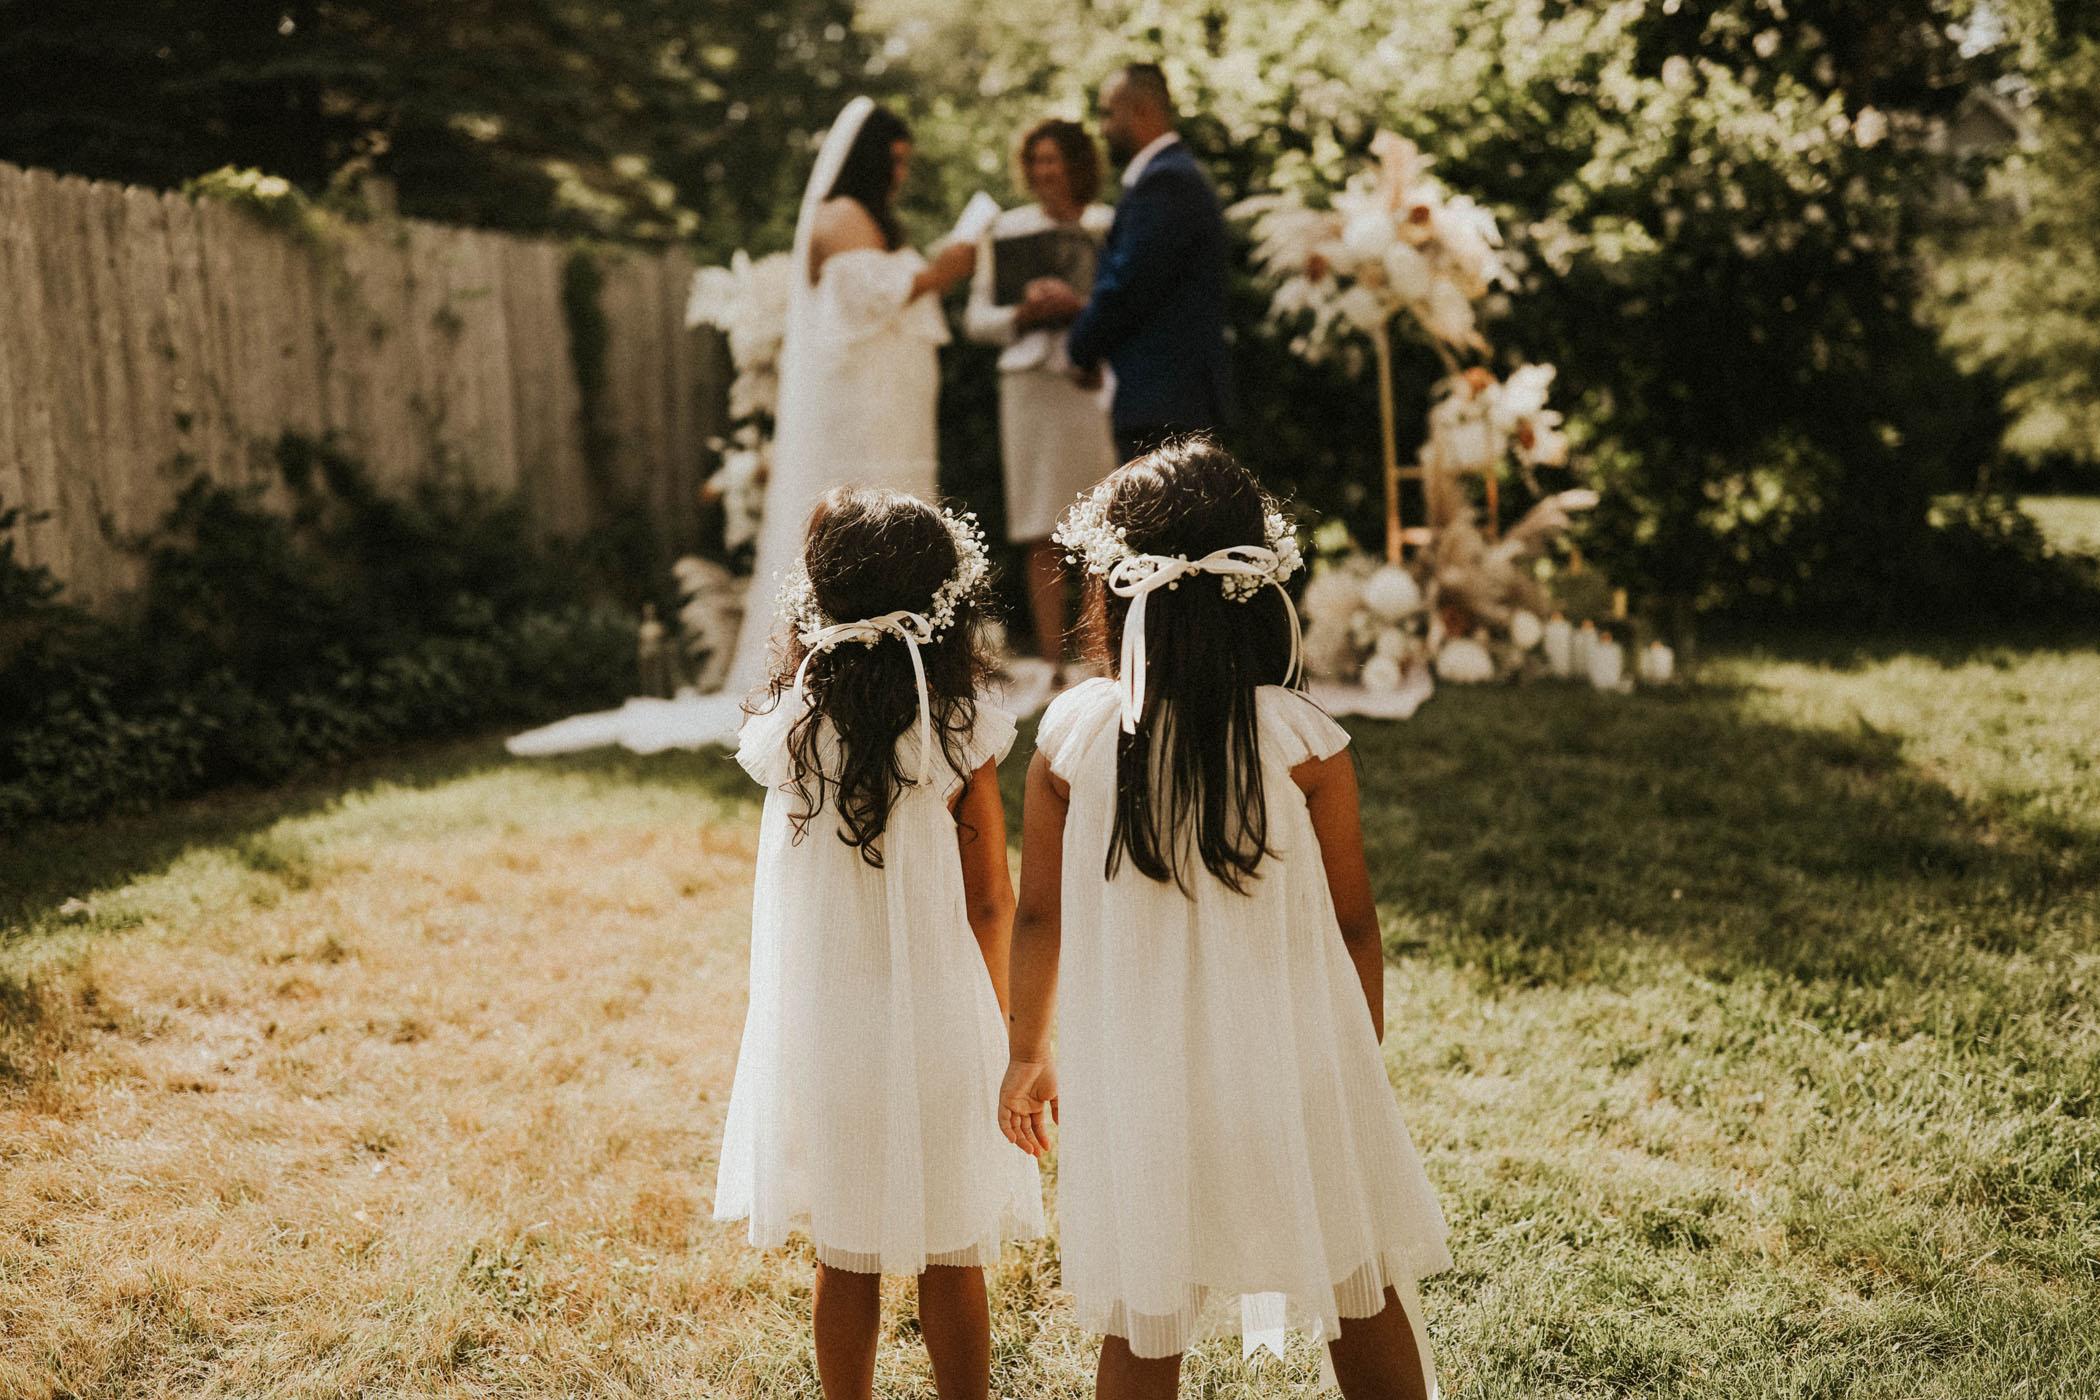 Flower girls watch their parent's elopement